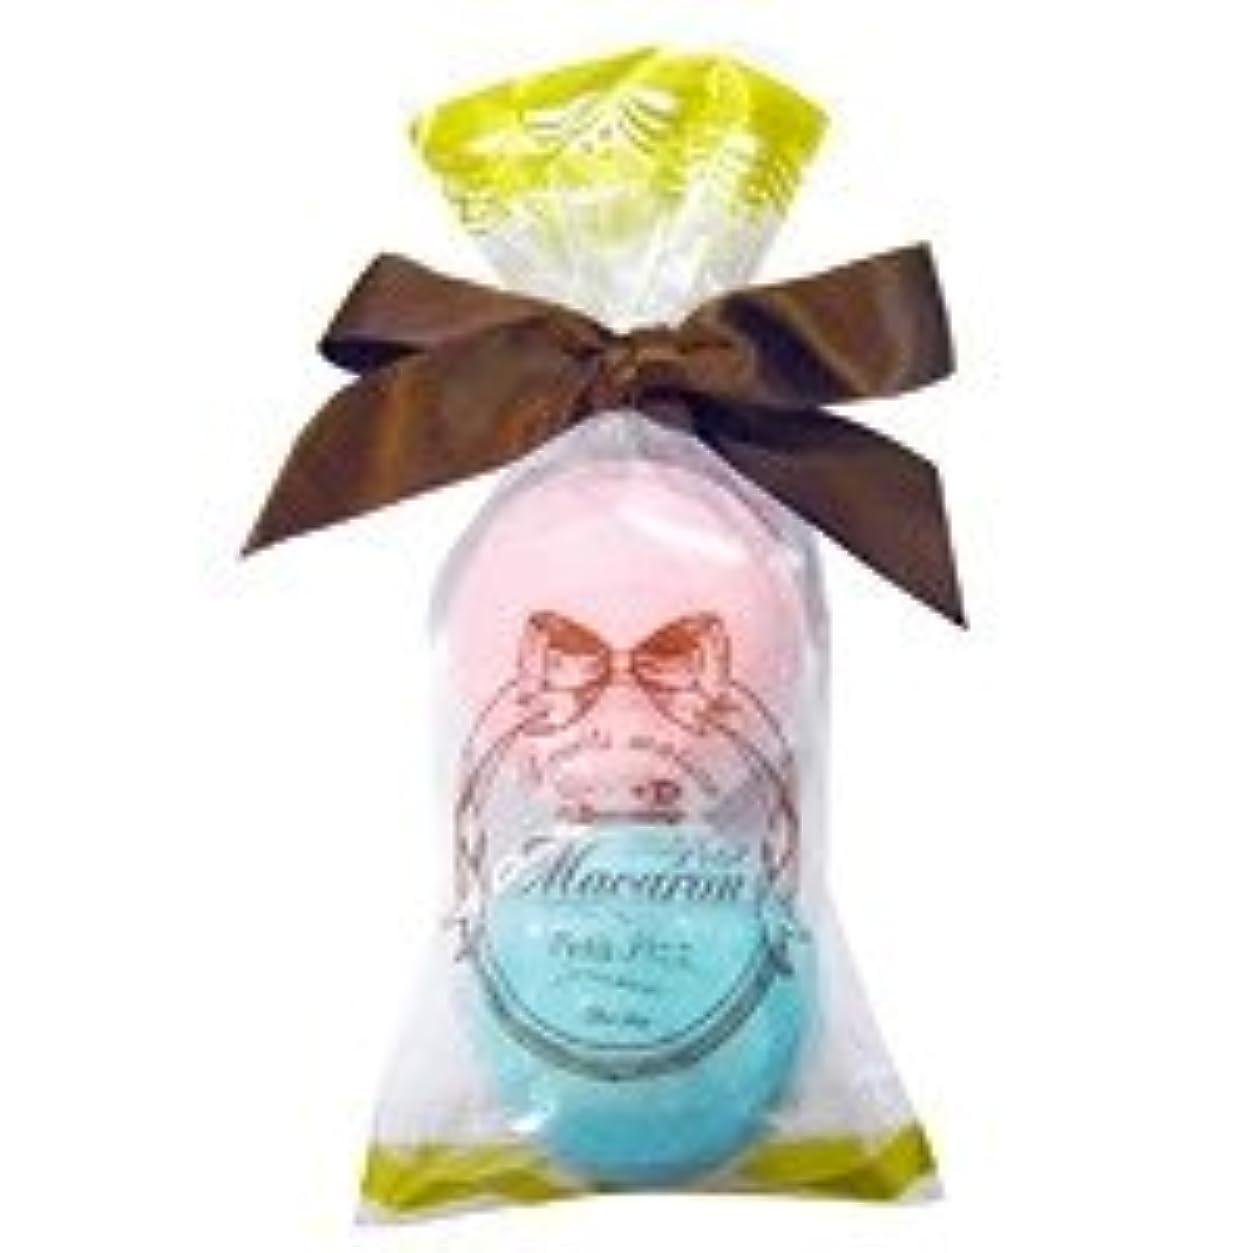 ちなみにアソシエイト代表してスウィーツメゾン プチマカロンミニセット「ピンク&ターコイズ」6個セット 甘酸っぱいラズベリーの香り&香り豊かなグリーンティの香り